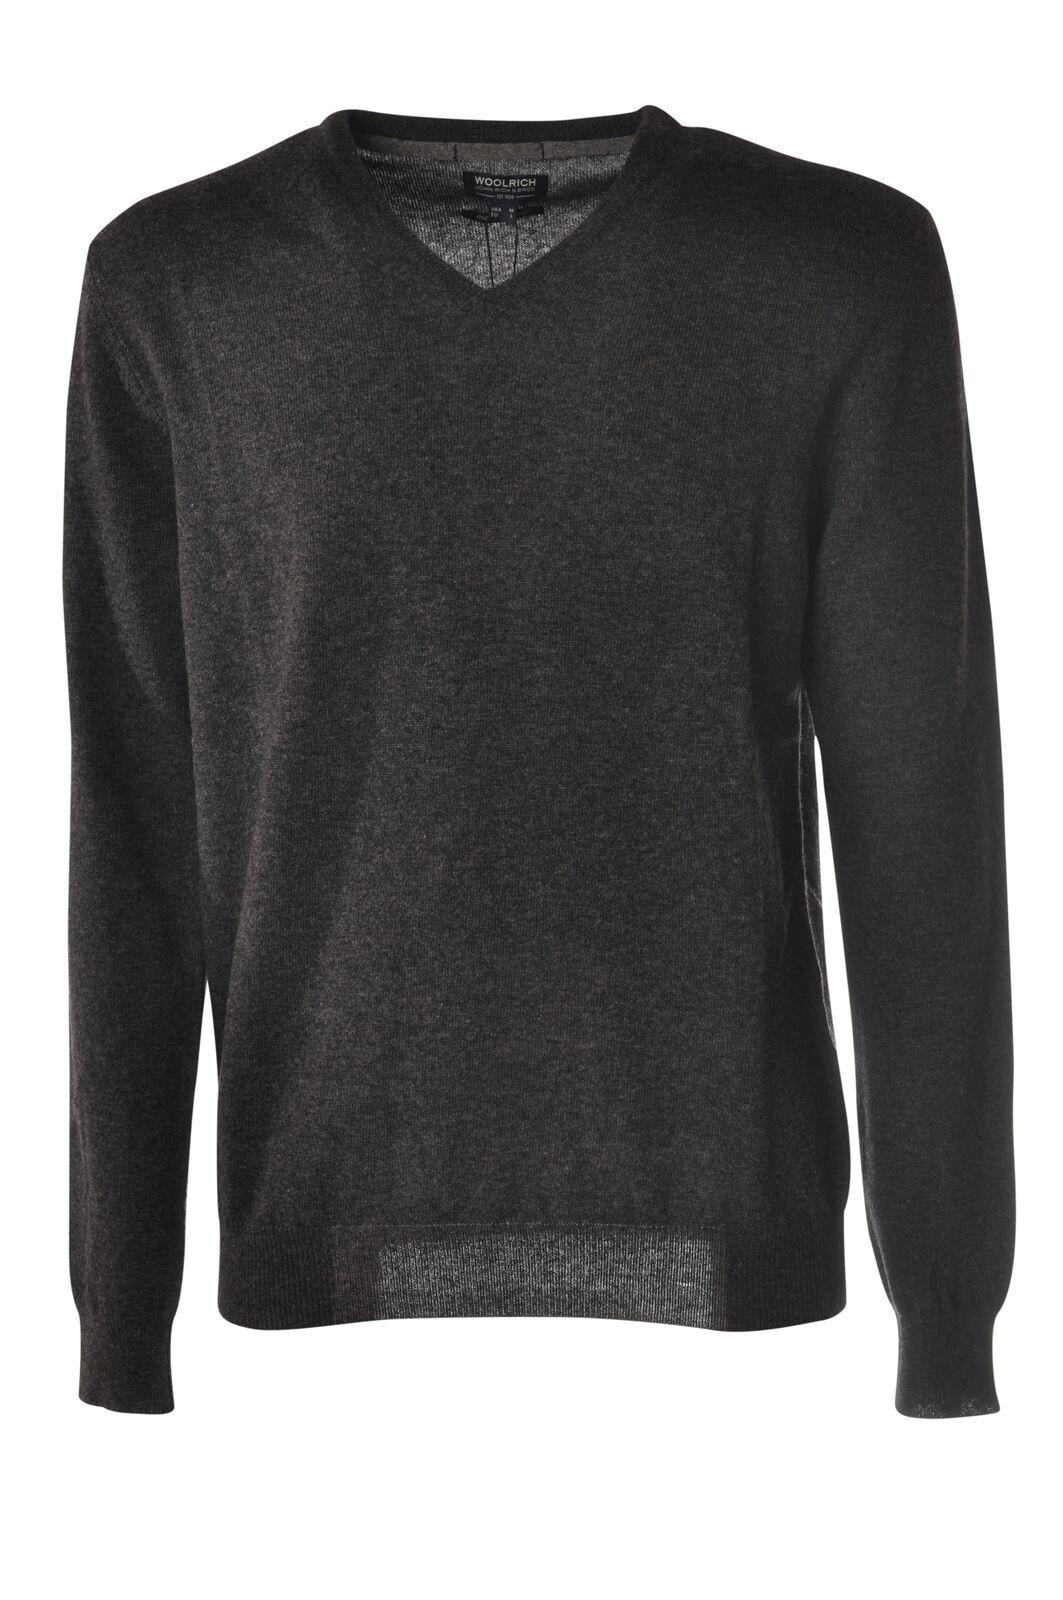 Woolrich - Maglieria-Pullover -  Herren - Grigio - 5759919L182027